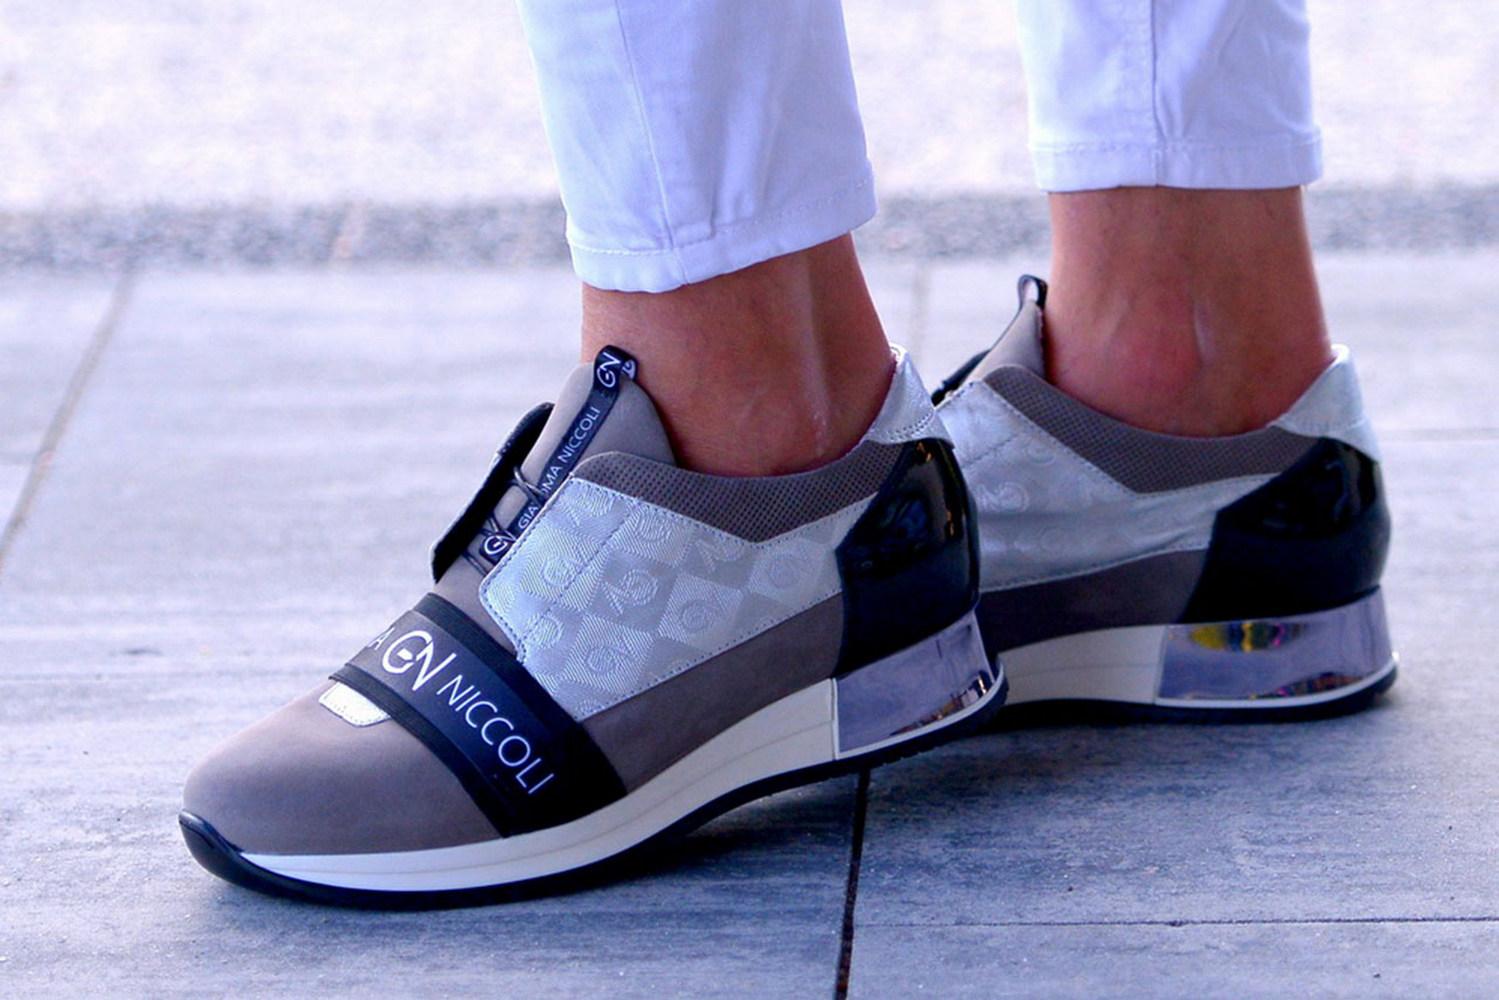 Futurystyczna kolekcja sneakersów od NIK Giatoma Niccoli - MrGentleman.pl